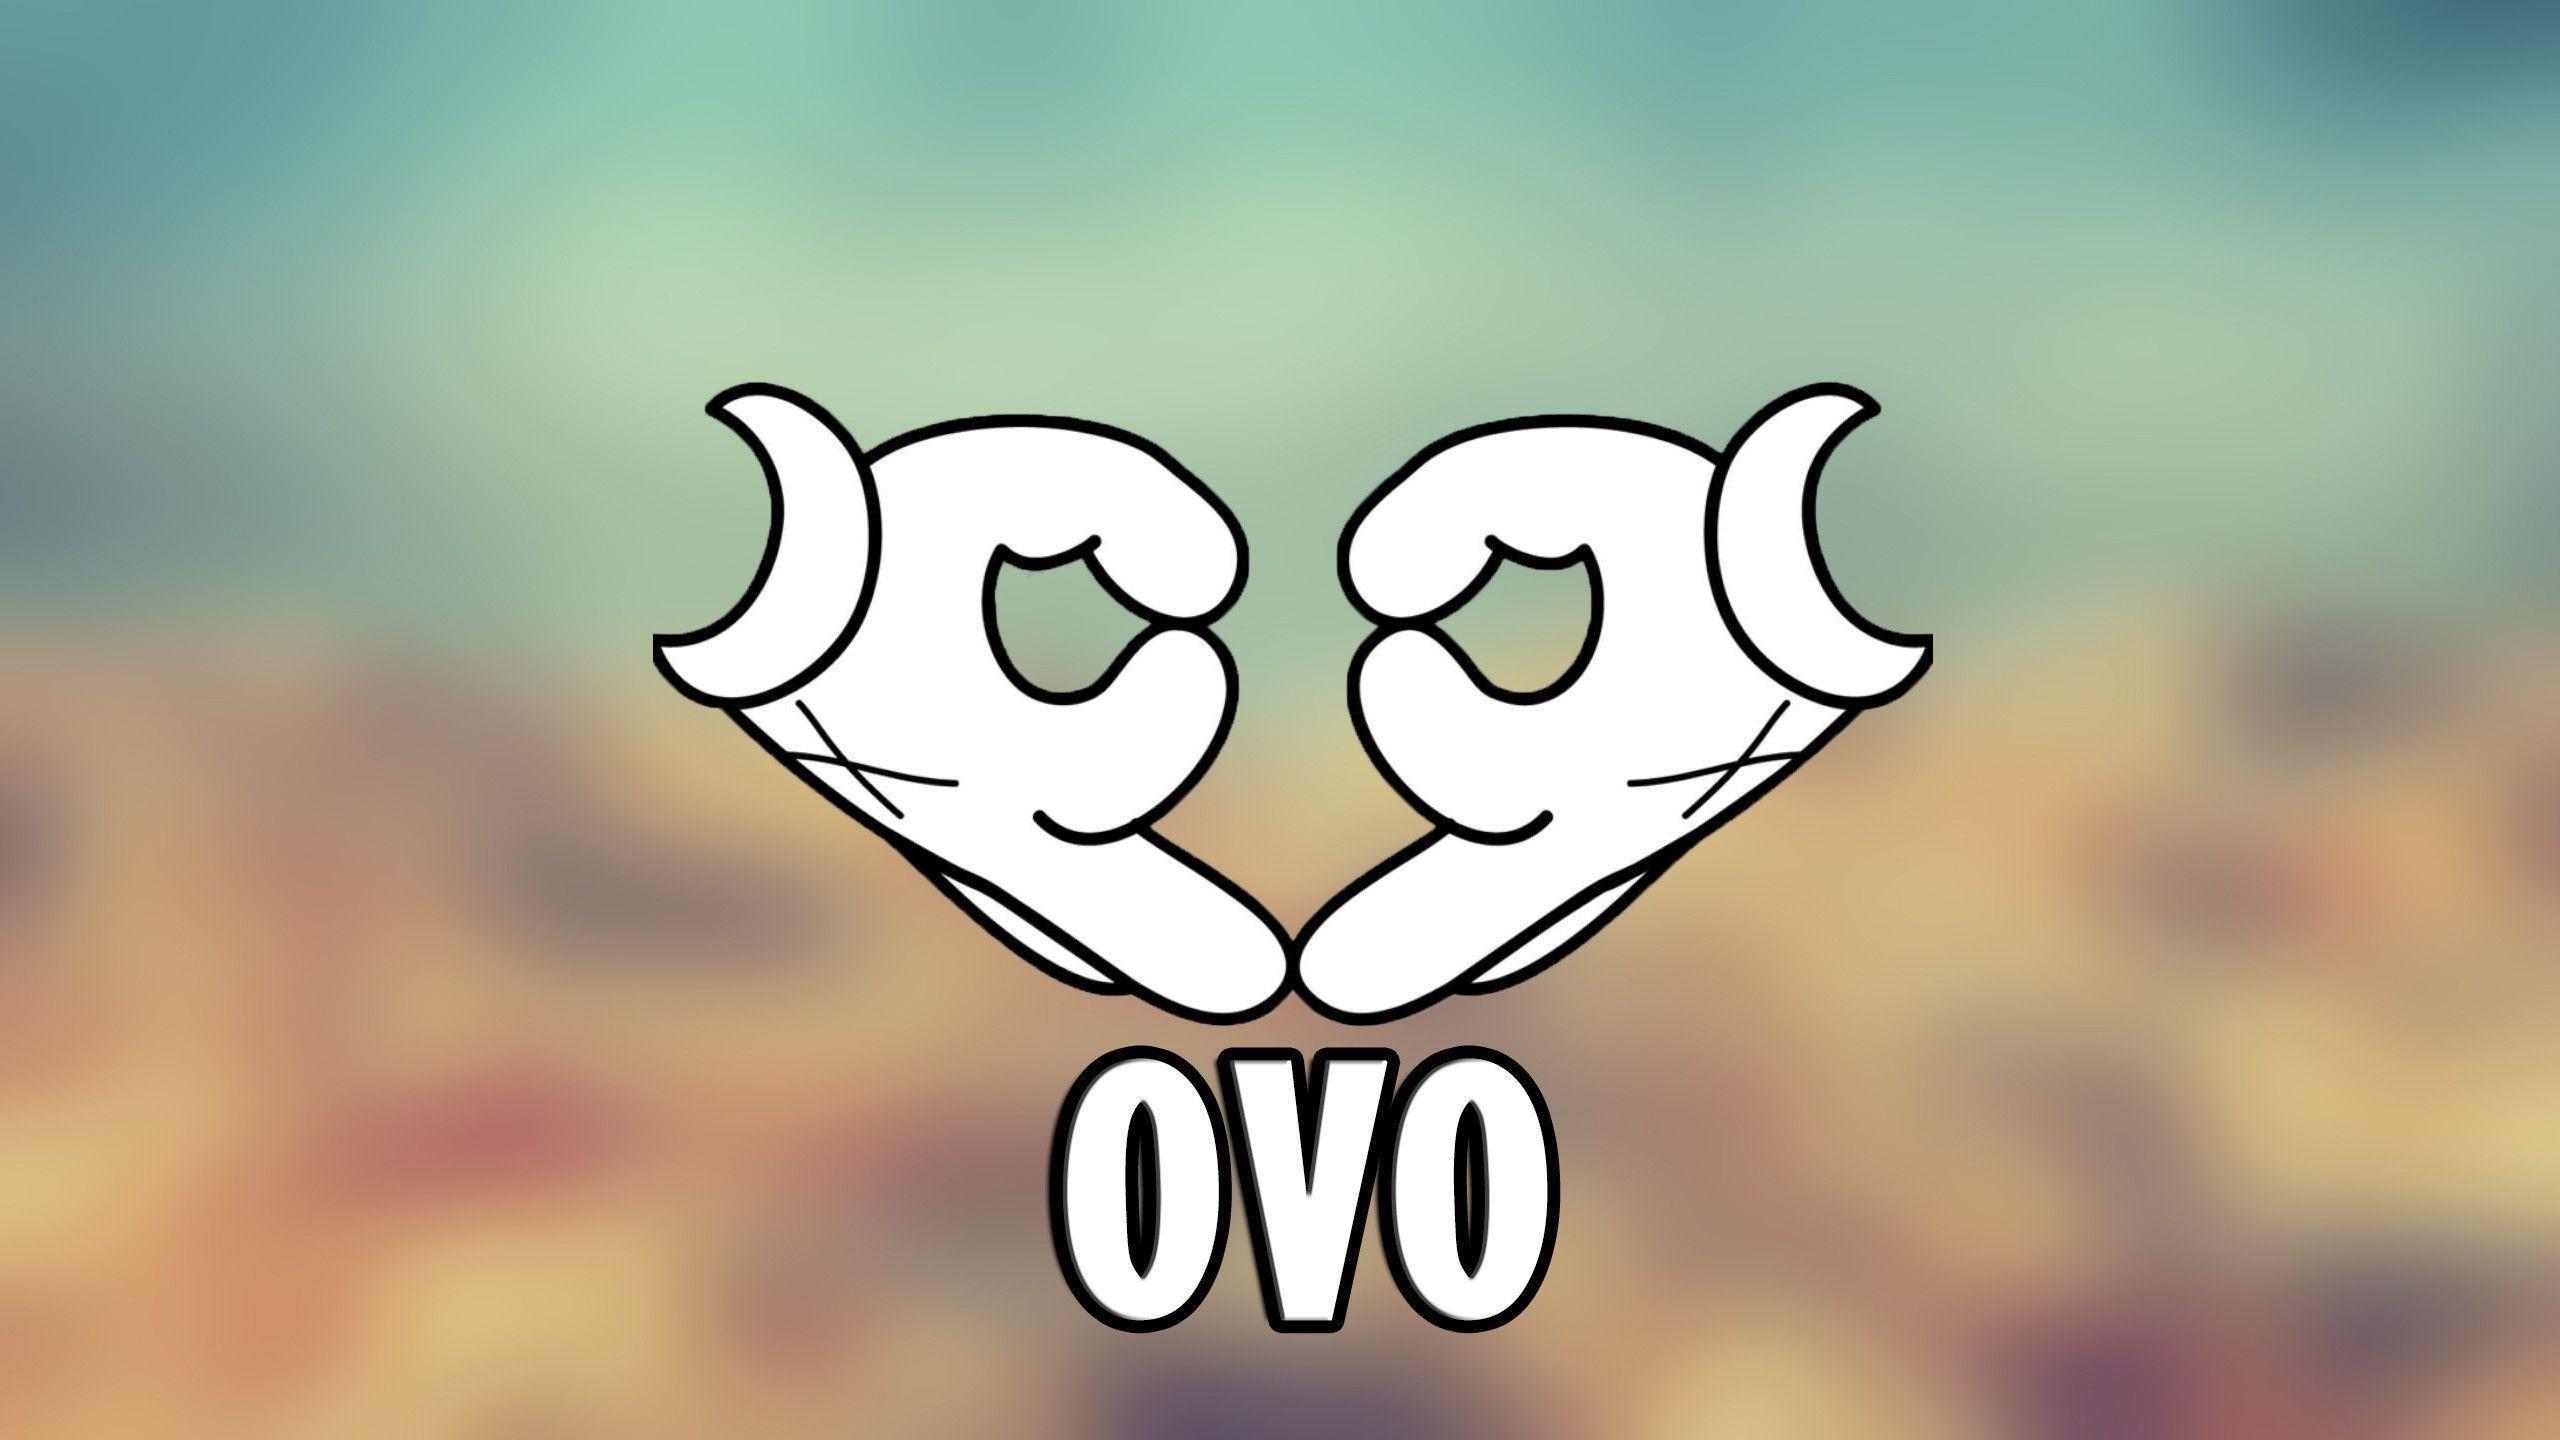 OVO, OVOXO, Dope, Rap, Trap Music, Blurred, Landscape, SWAGGAH